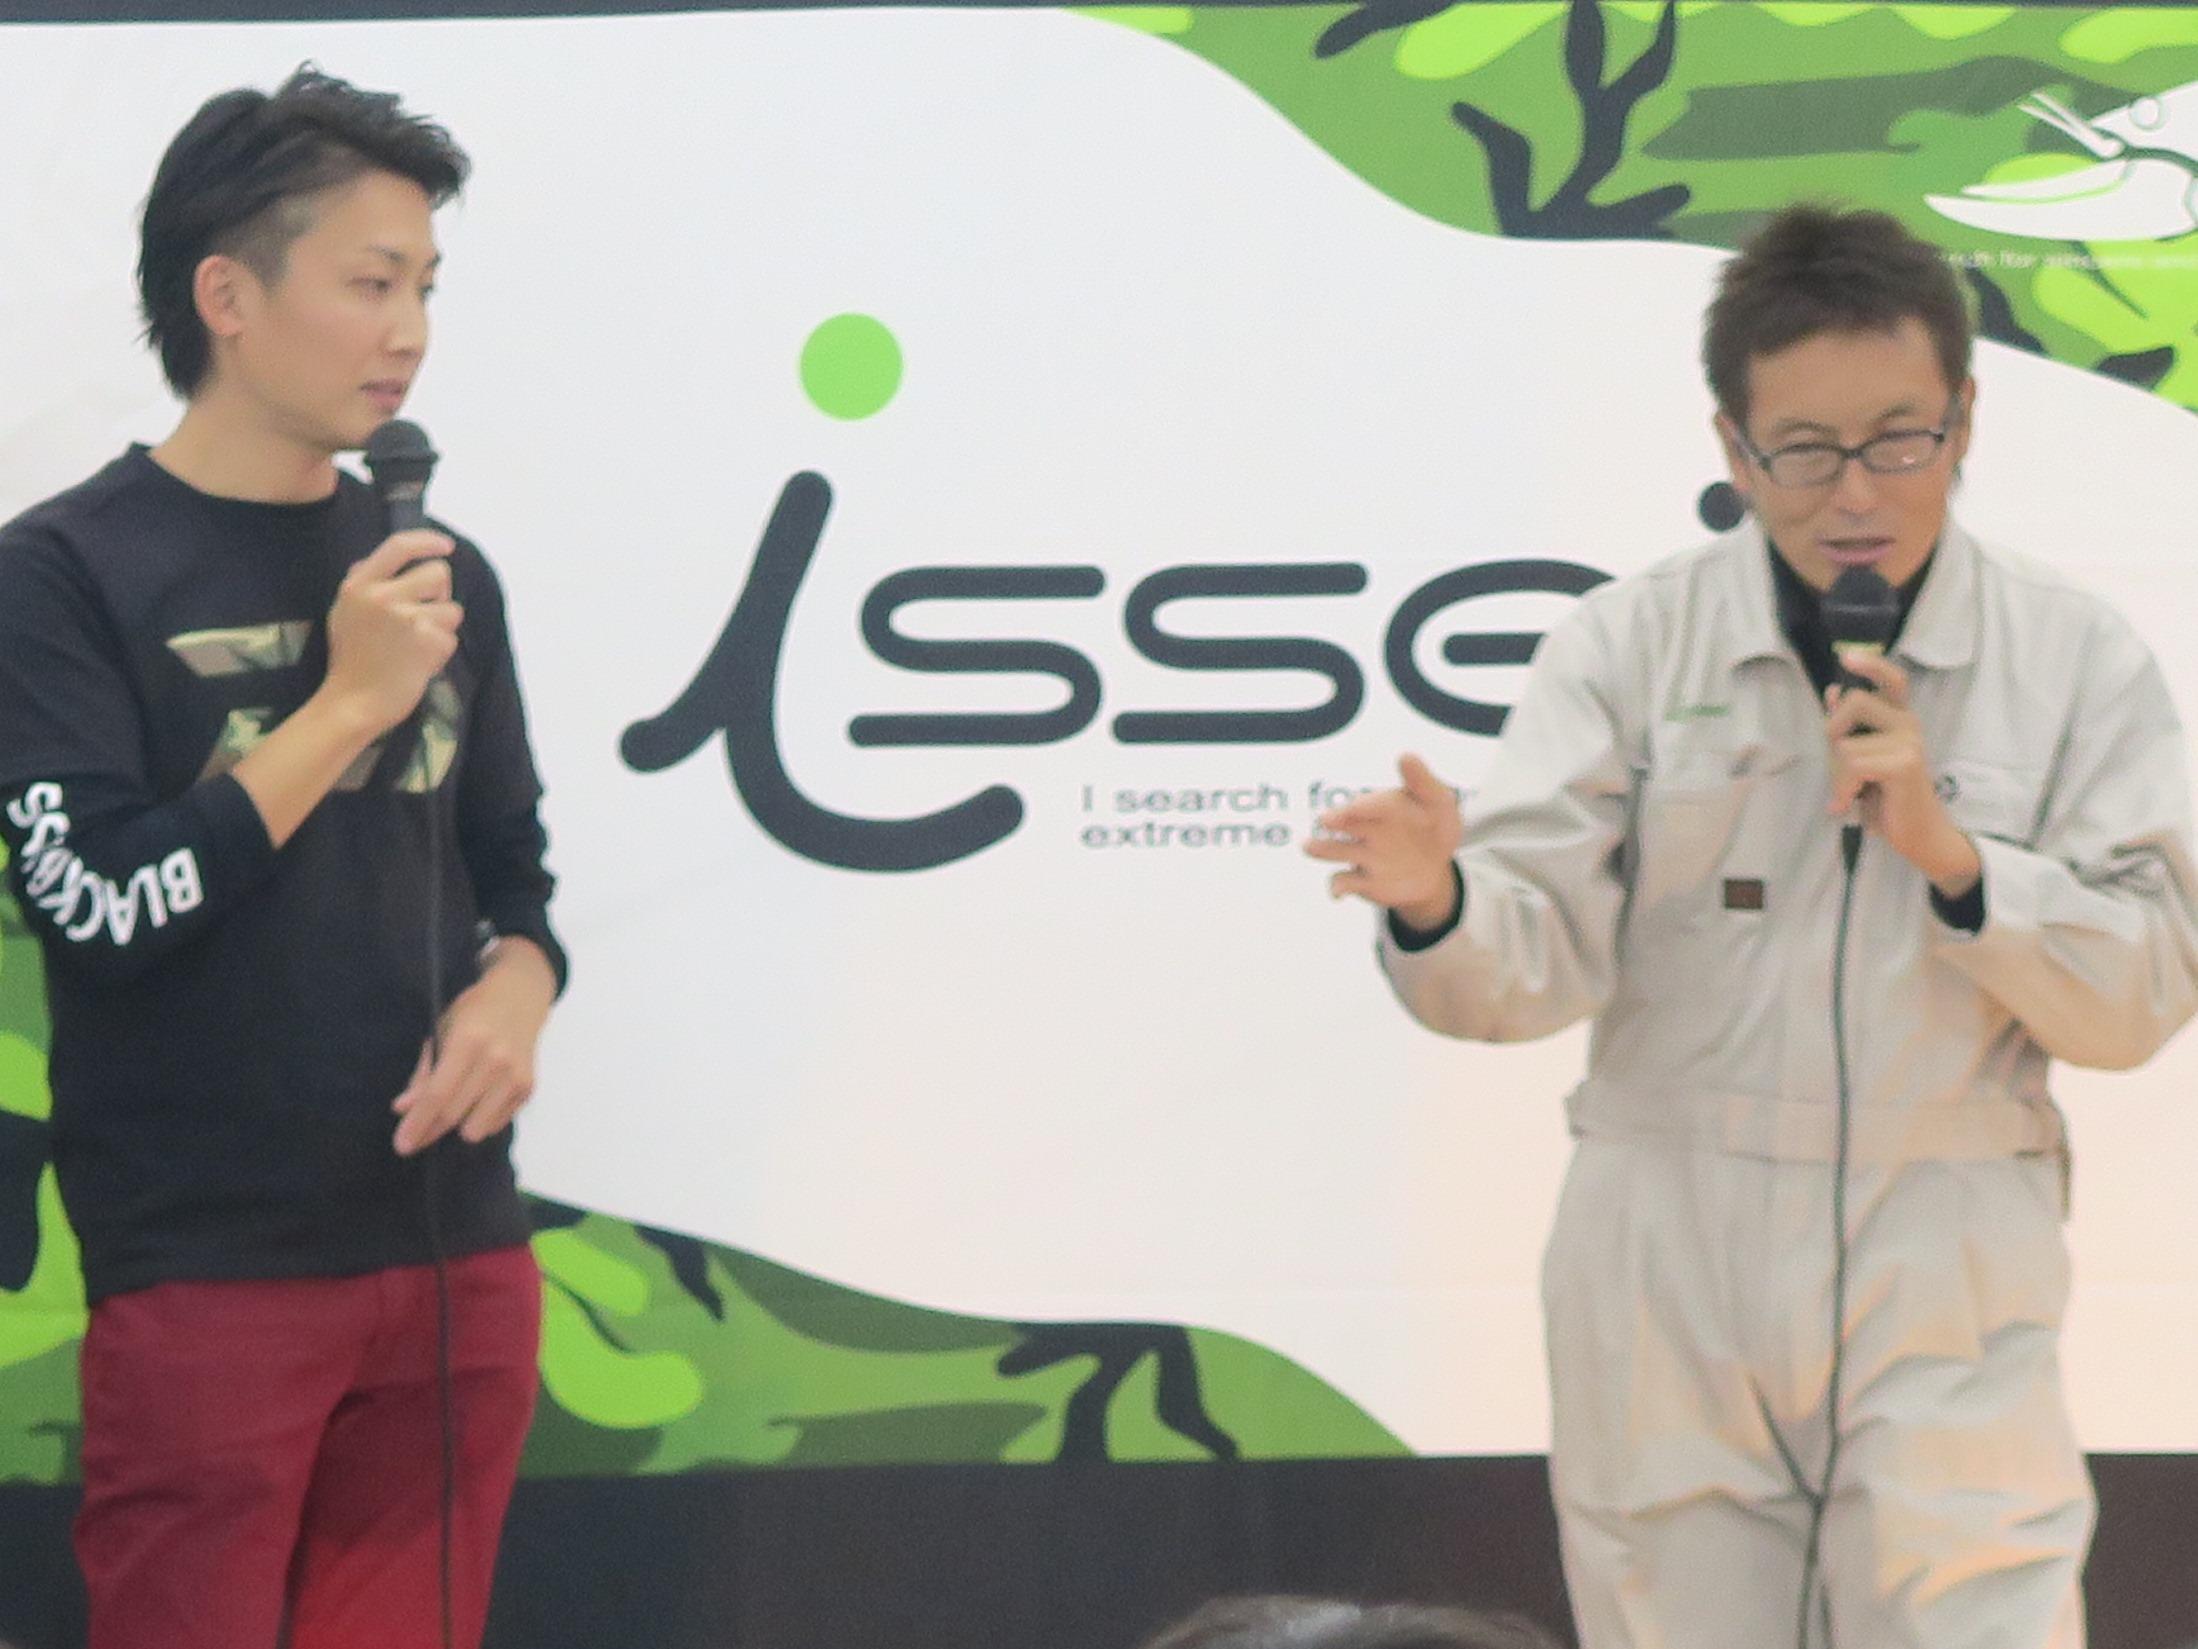 トークは師弟関係のこのお二人! 村上さんと赤松さんで熱いバス談義が今年も繰り広げられました!!